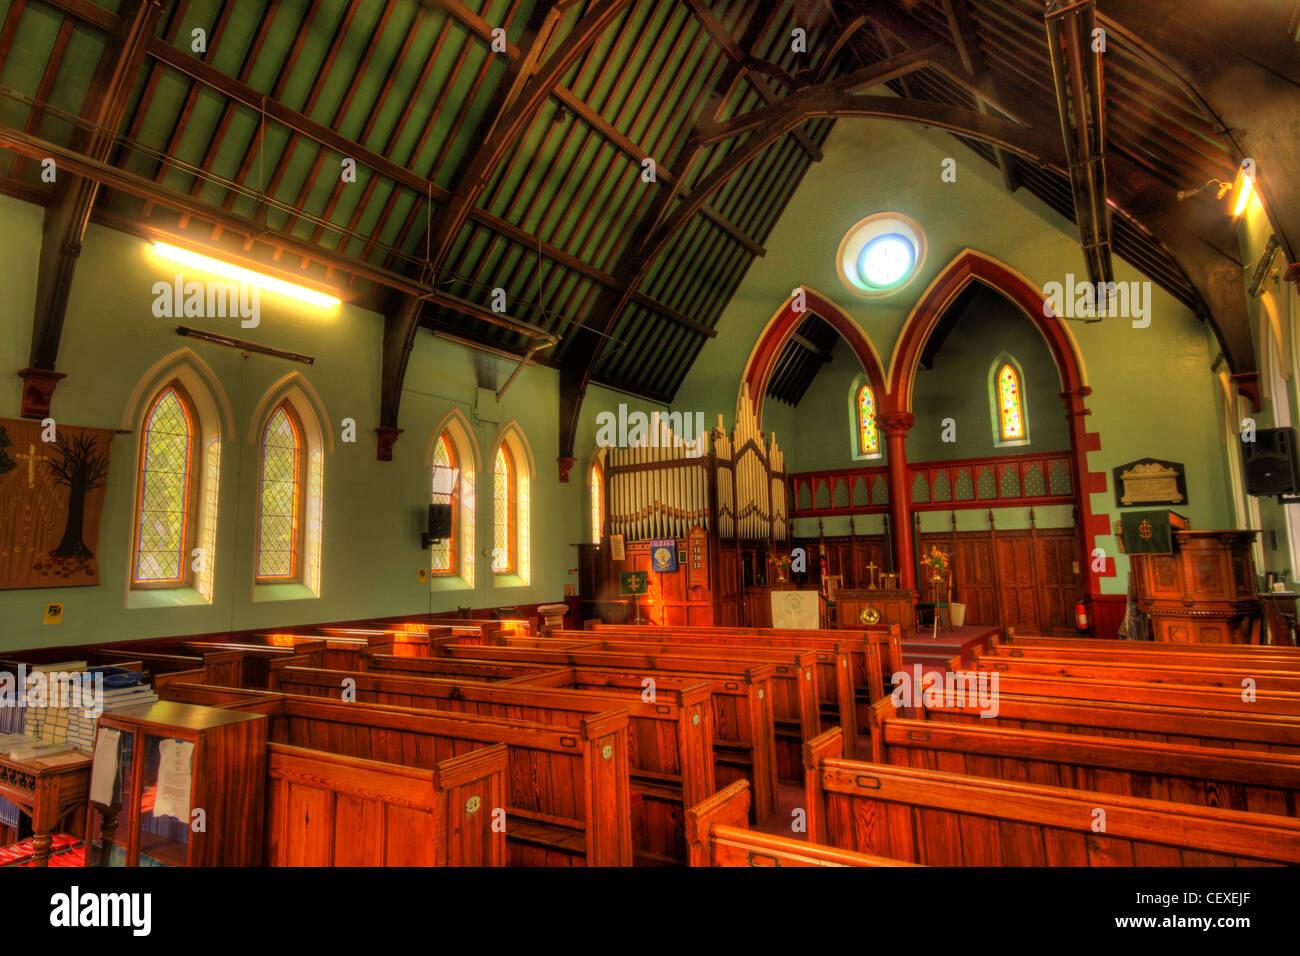 Laden Sie dieses Alamy Stockfoto Innenministerium der Lymm Vereinigte Reformierte Kirche, Brookfield Straße und Davies Weg, Warrington Cheshire WA13 0QW - CEXEJF